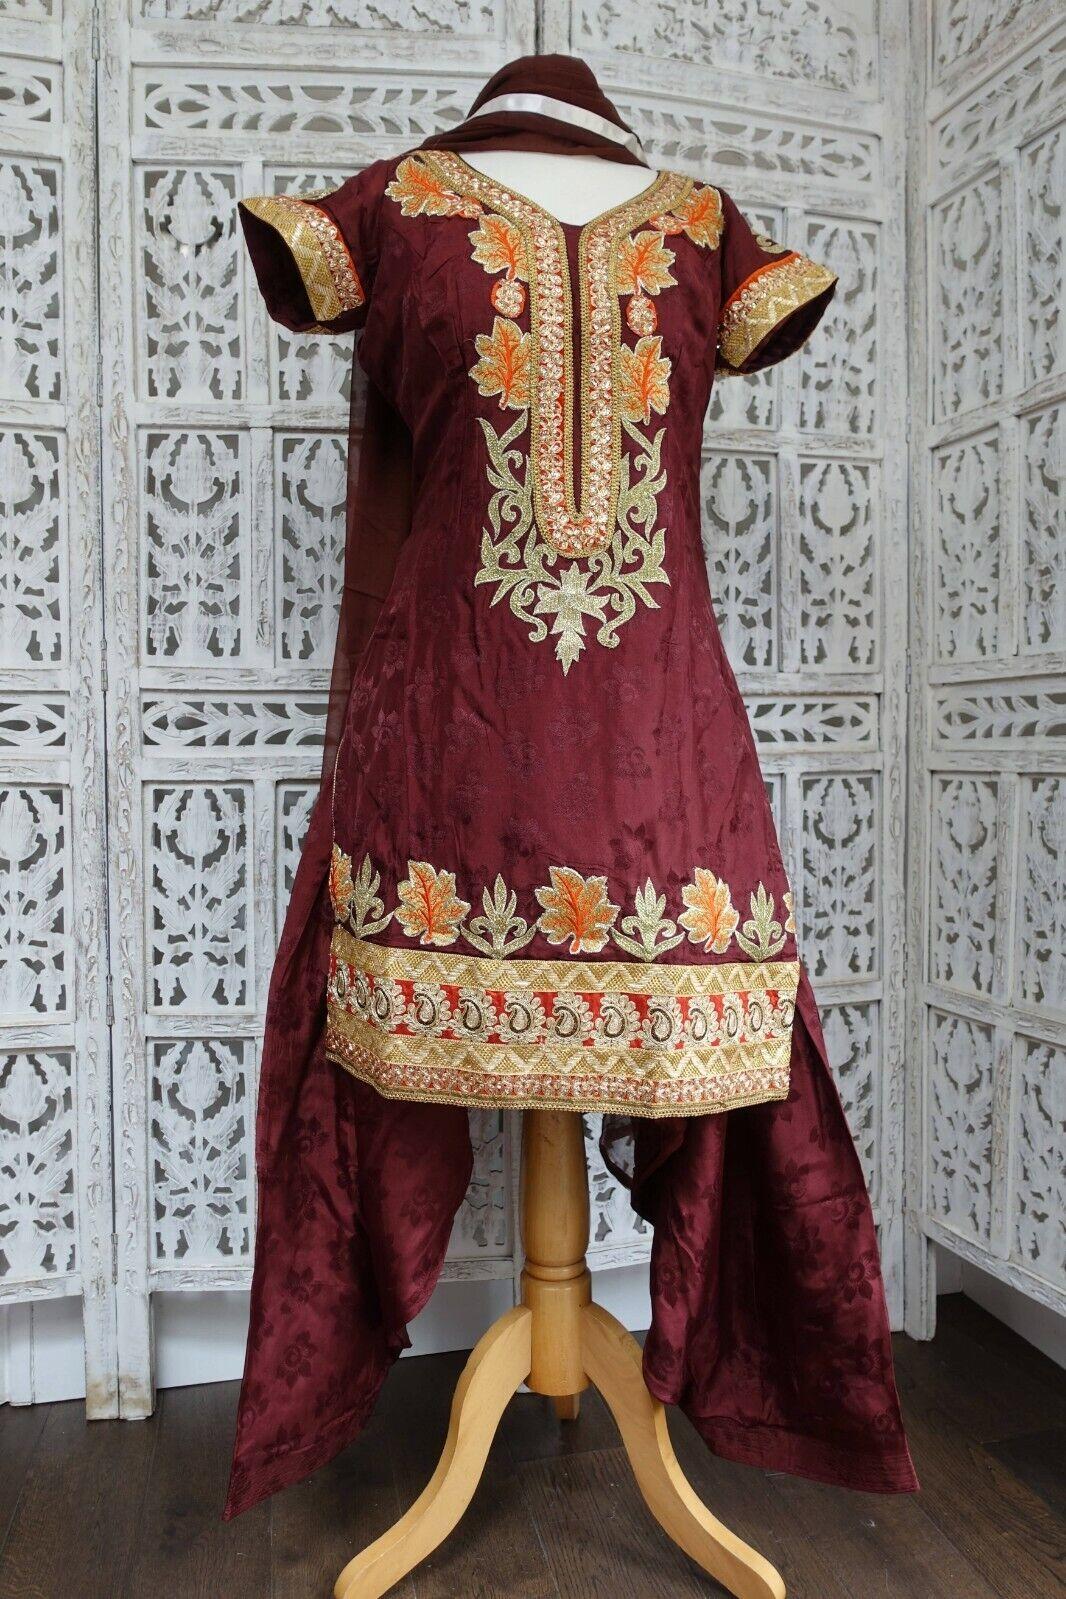 Brown Bollywood Indian salwar kameez UK Size 12 / EU 38 - SKU16350